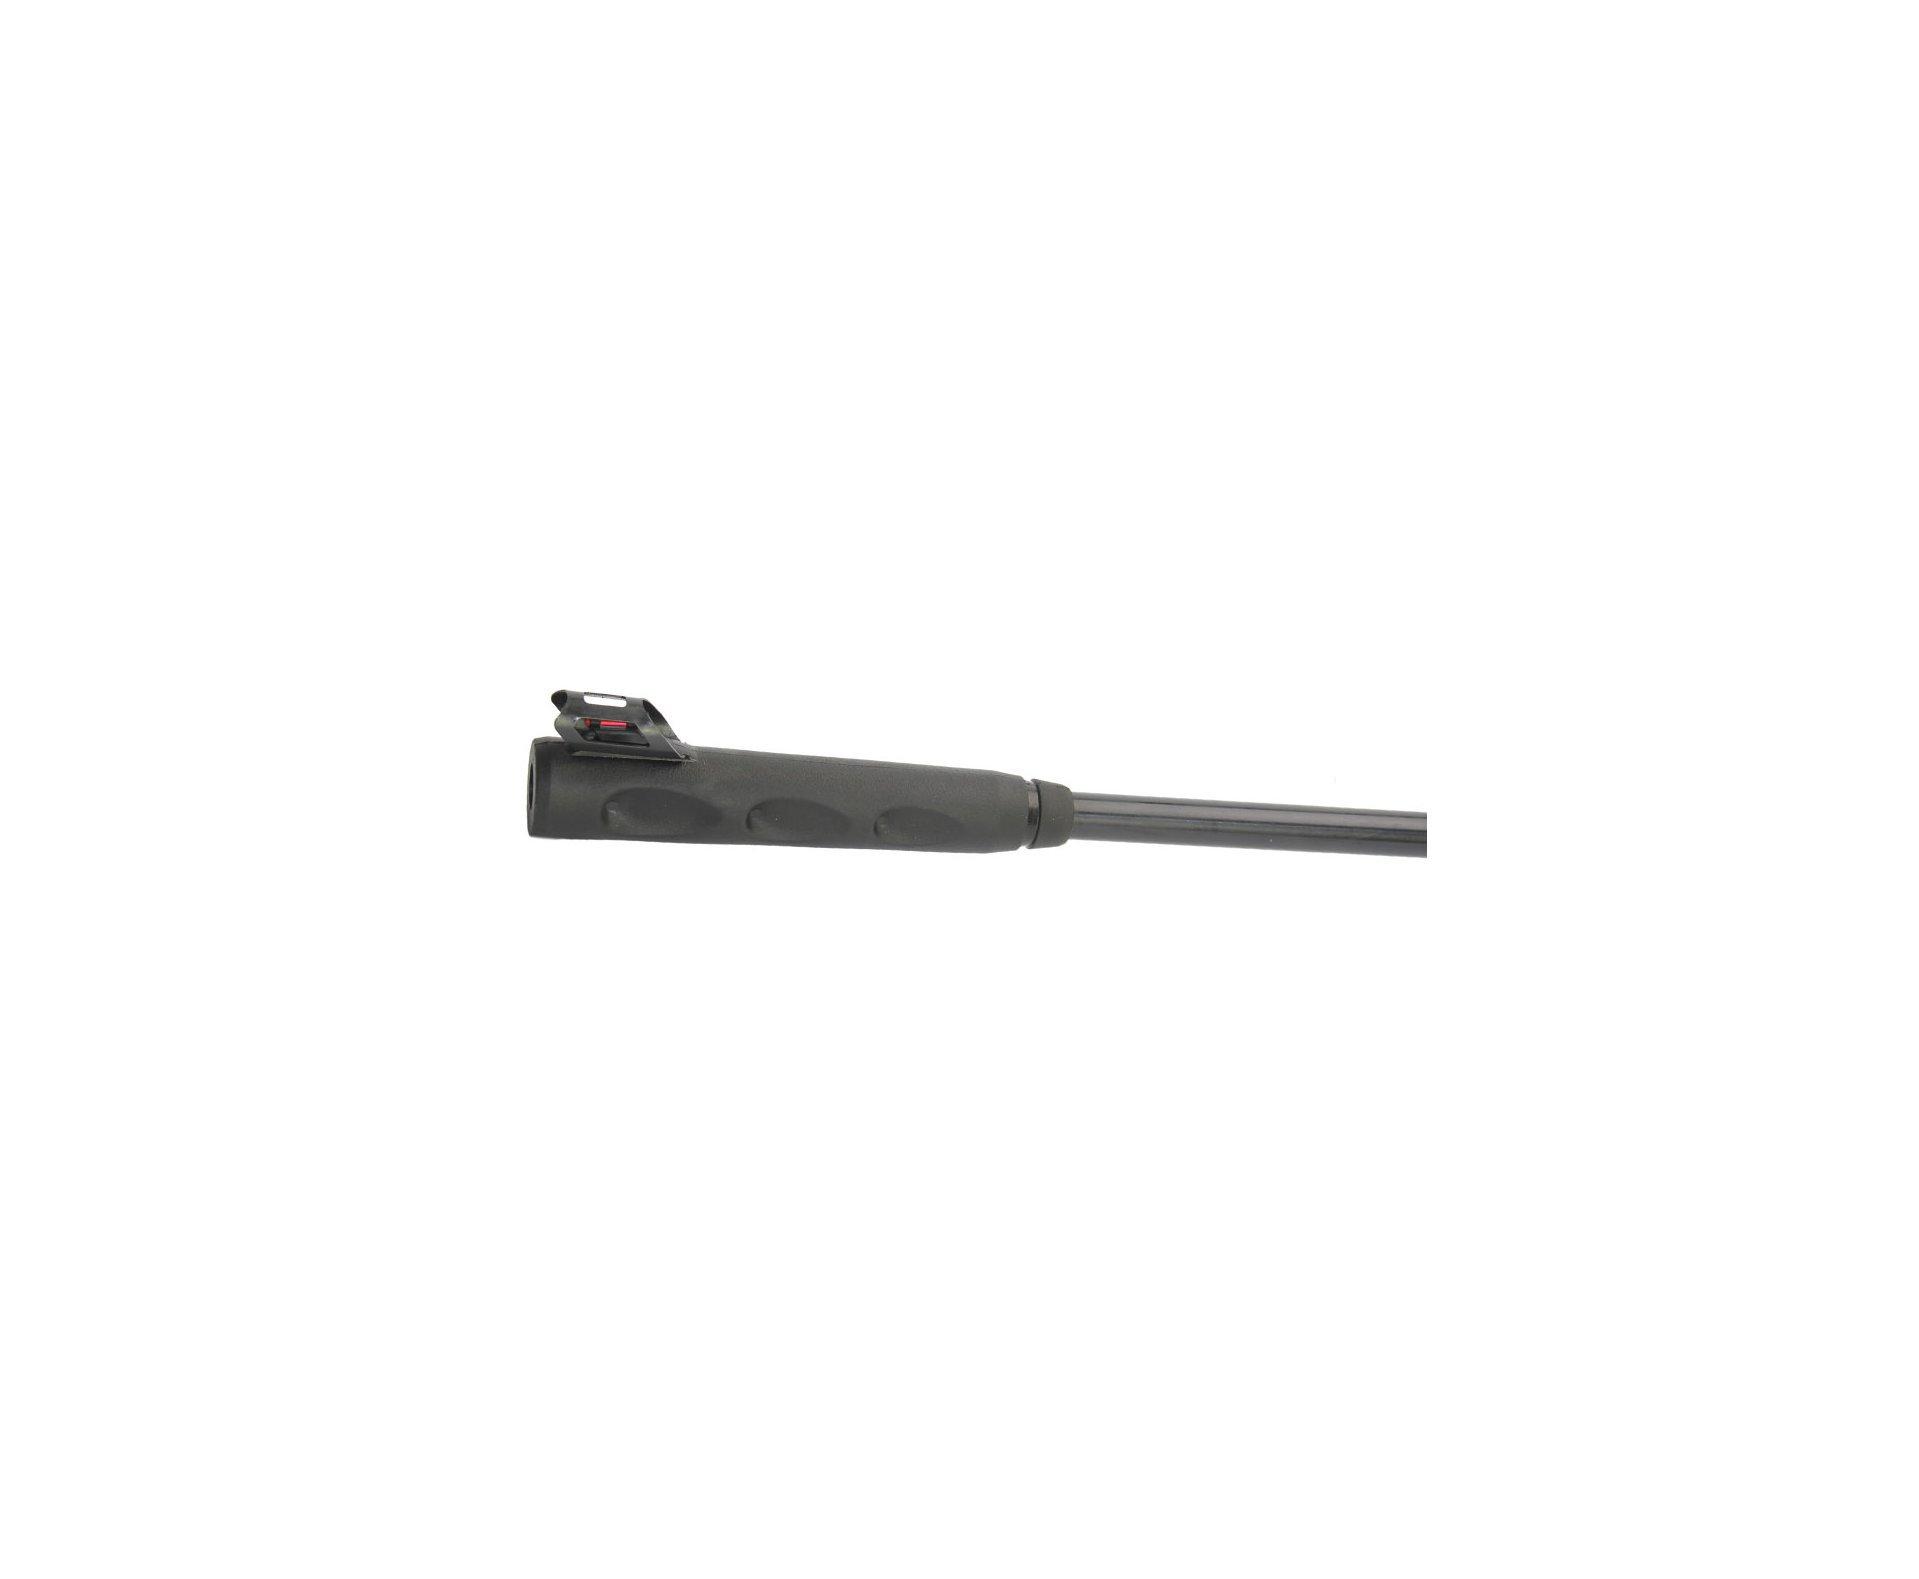 Carabina De Pressão Cbc Nitro Six - Calibre 6,0 Mm - Oxidada